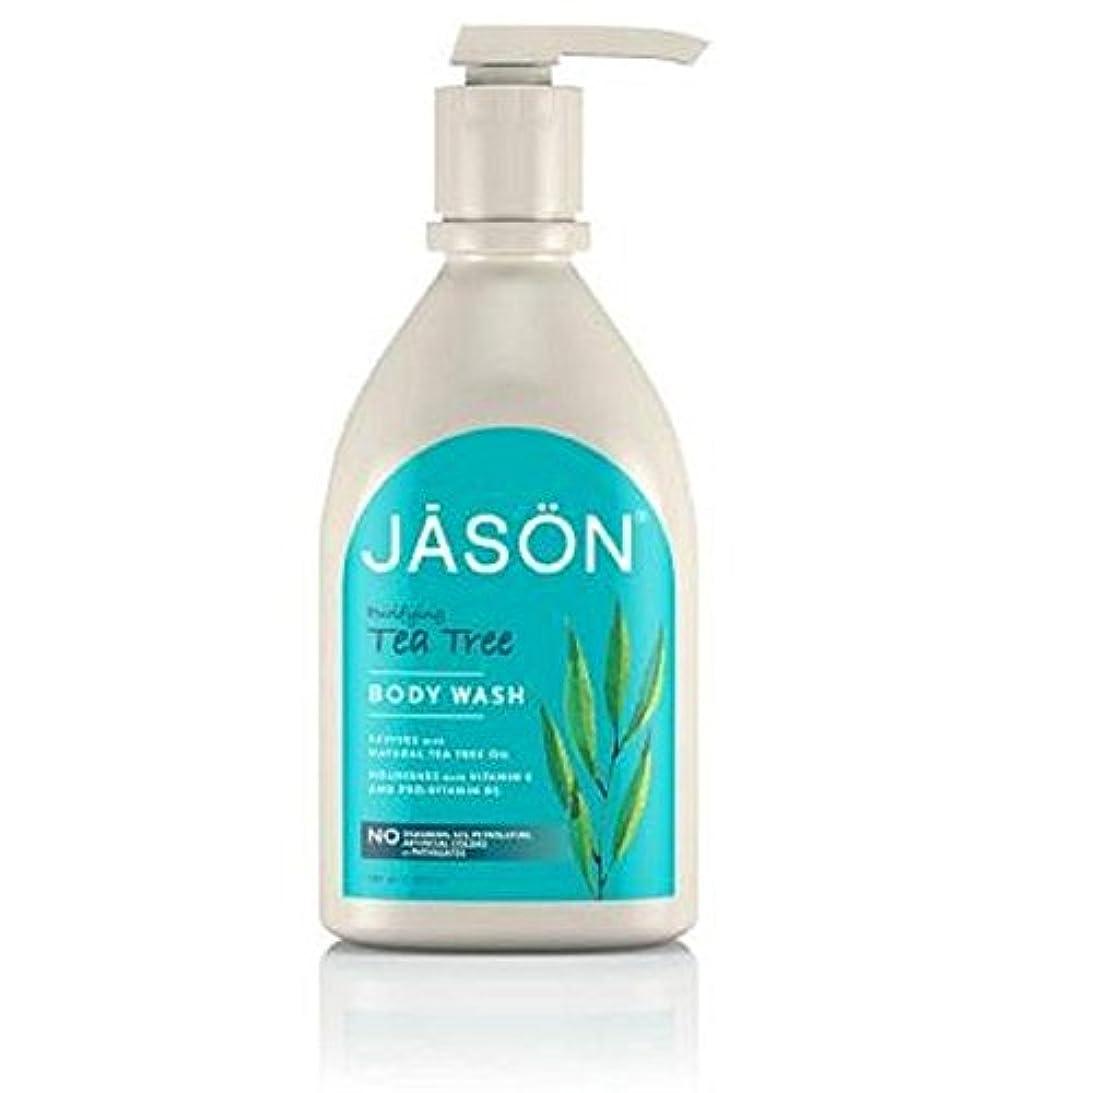 下手荒らすめ言葉Jason Tea Tree Satin Body Wash Pump 900ml (Pack of 6) - ジェイソン?ティーツリーサテンボディウォッシュポンプ900ミリリットル x6 [並行輸入品]